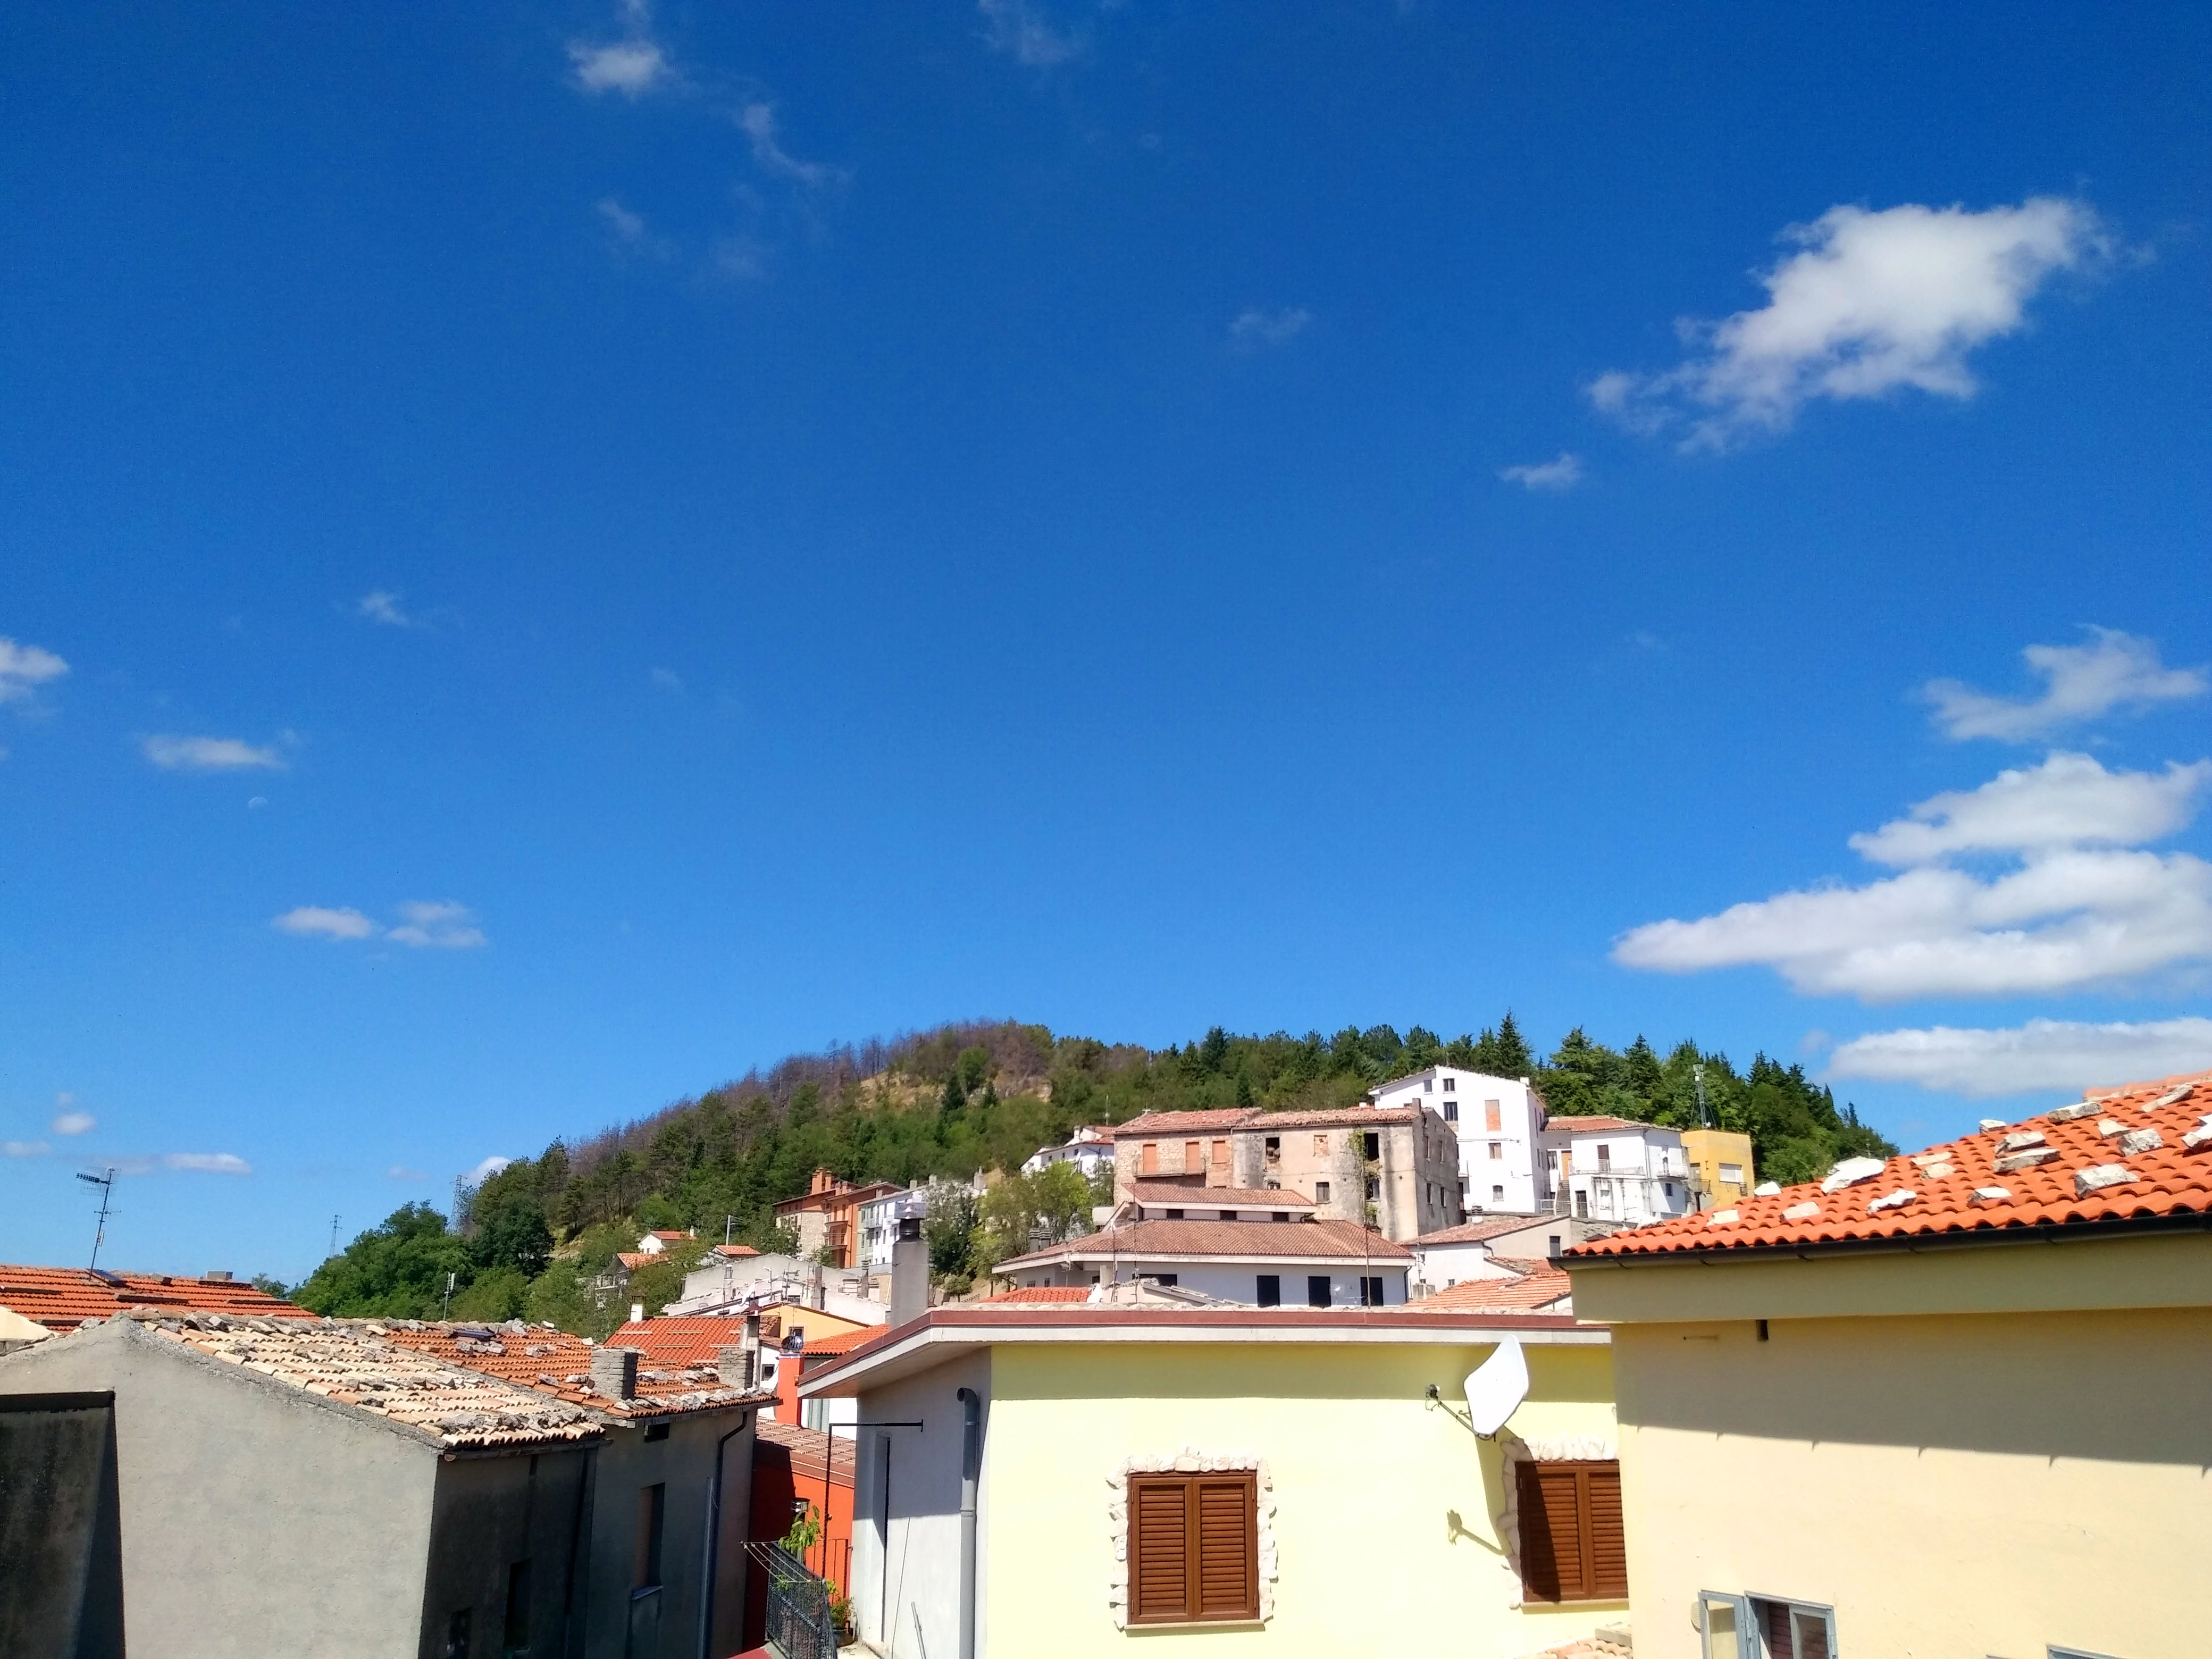 rif 1030 – Liscia – Appartamento – € 26.000 -Piccolo investimento per le vacanze